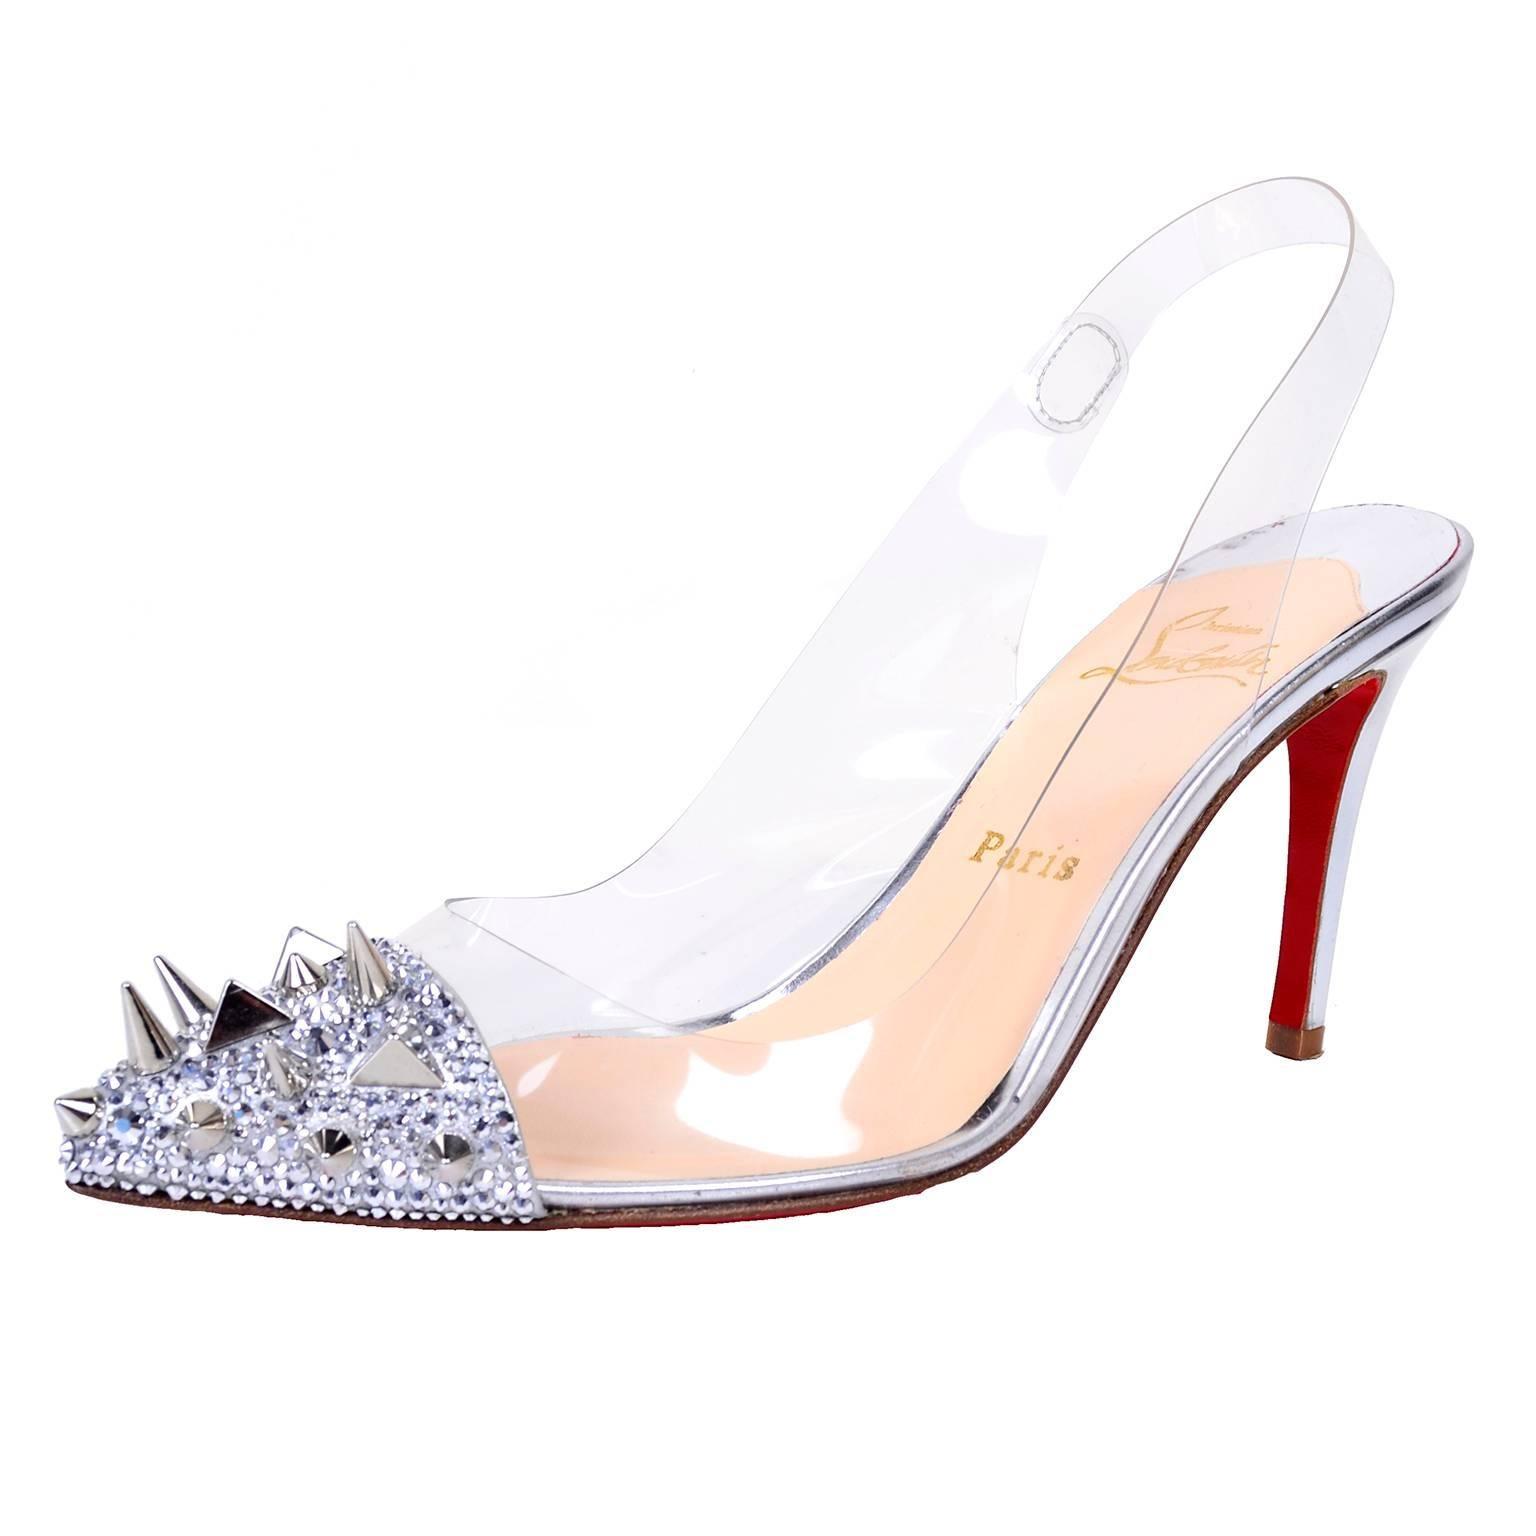 Silver Spiked Heels 0iXaLfQA